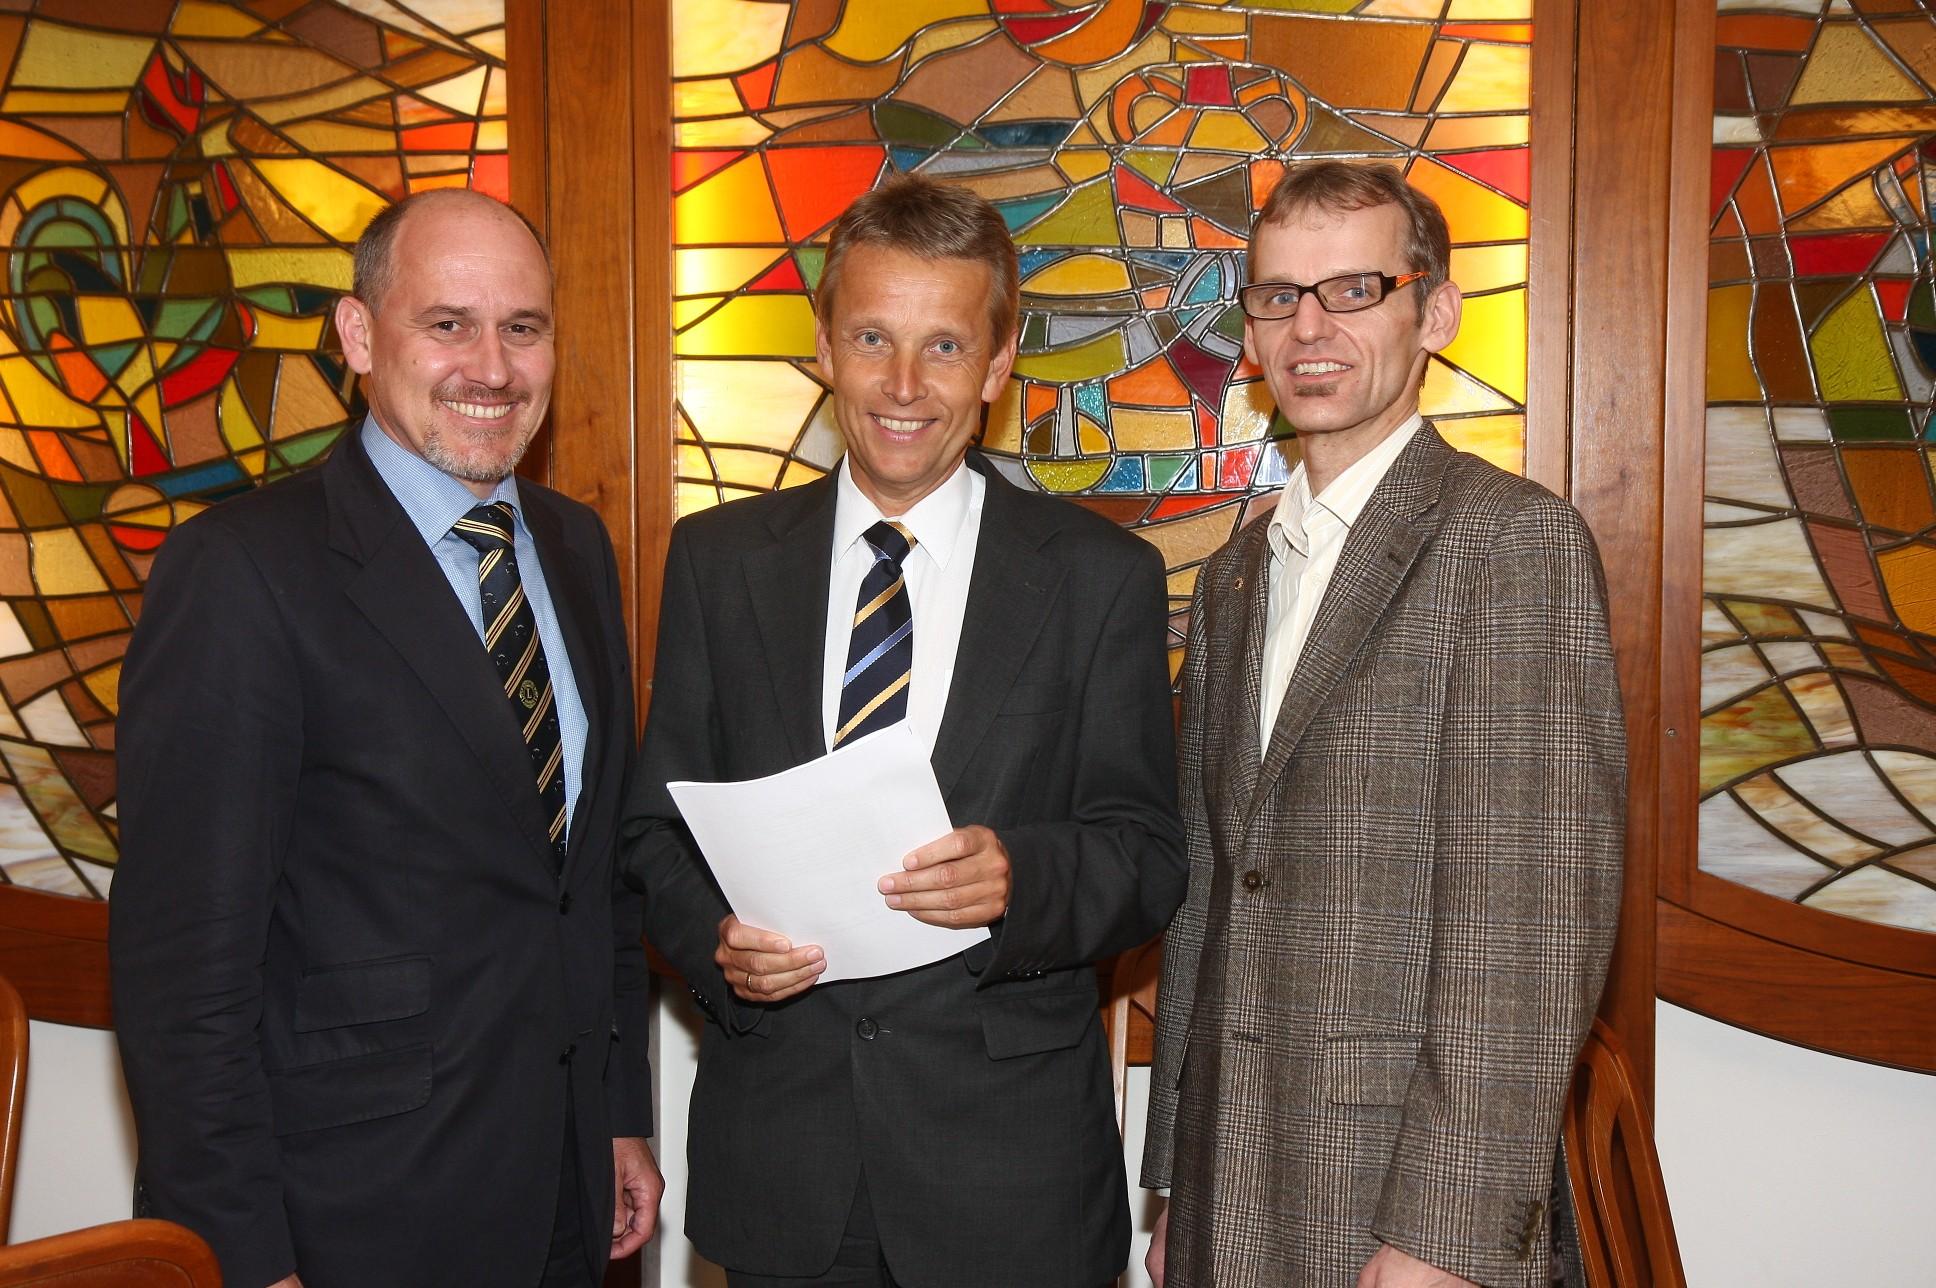 Mit Lions Club Präsident Ludwig Robitschko (li.) und Clubsekretär Josef Posch (re.) (C) Büro StS